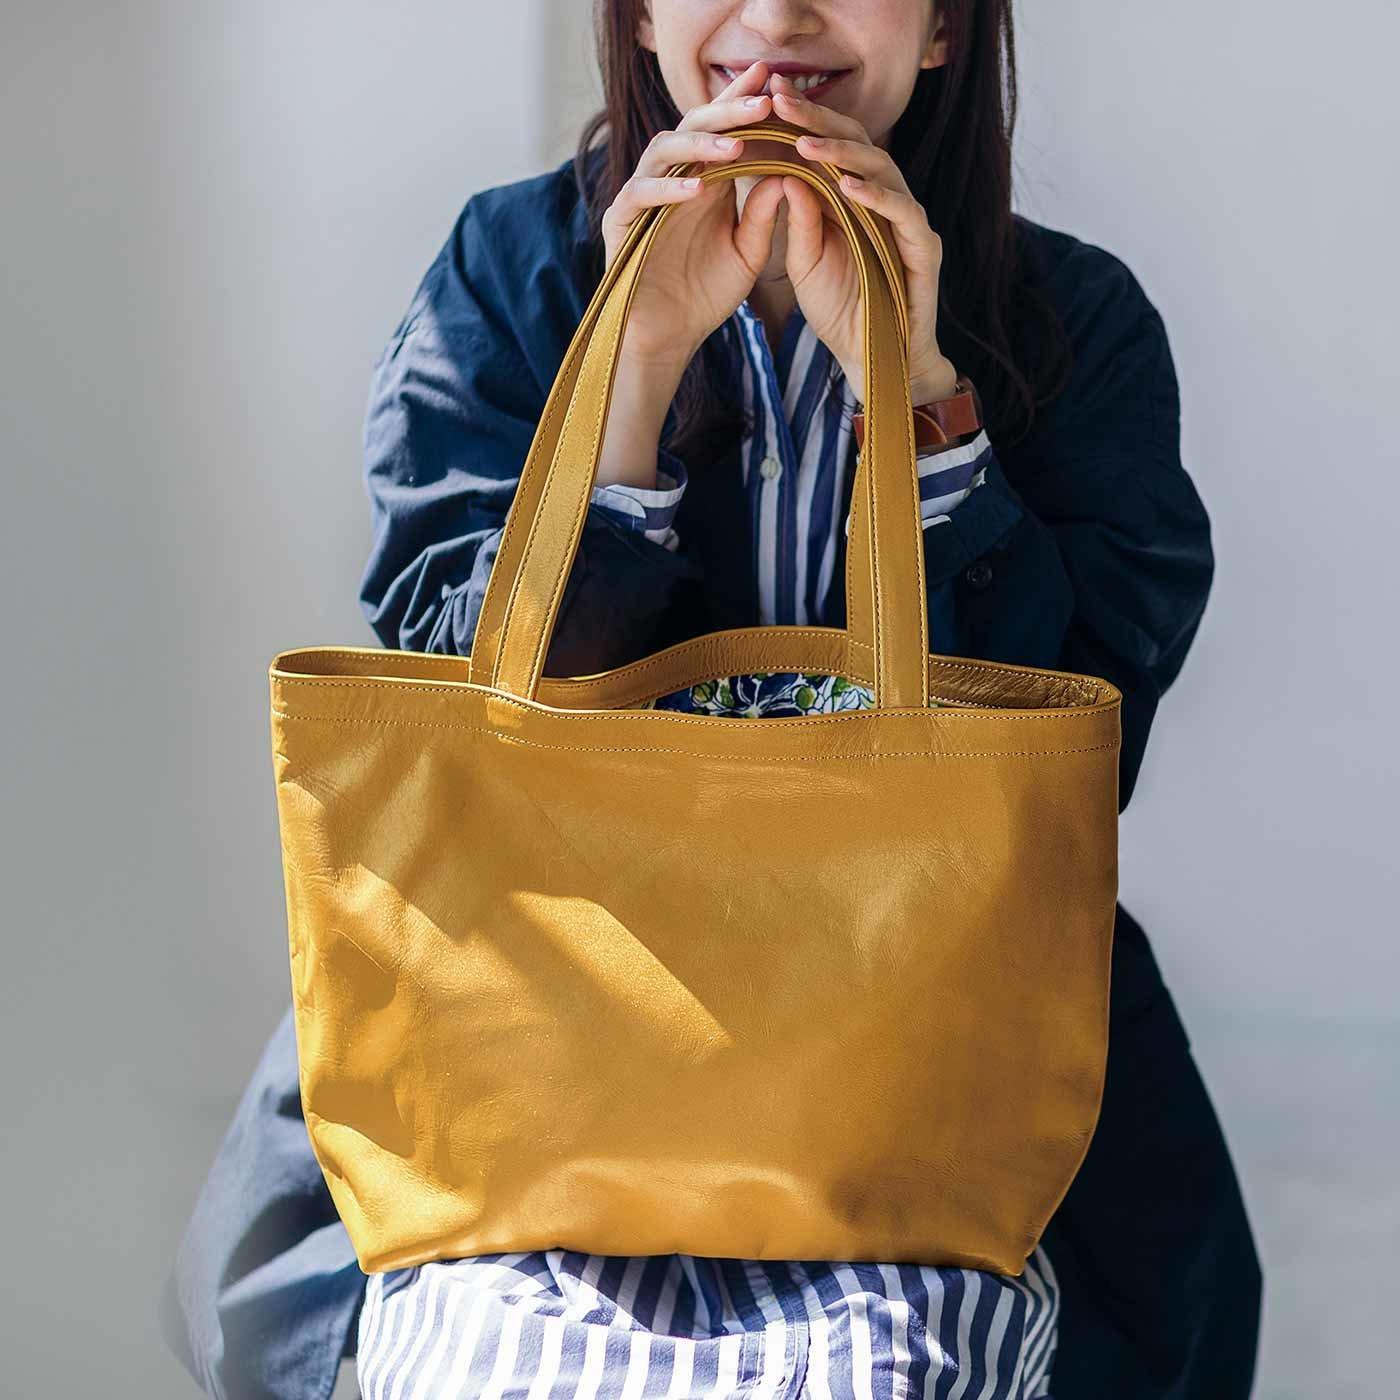 サニークラウズの生地で誂(あつら)えた オールレザーシンプルトートバッグ〈イエローキャメル〉[本革 鞄:日本製]